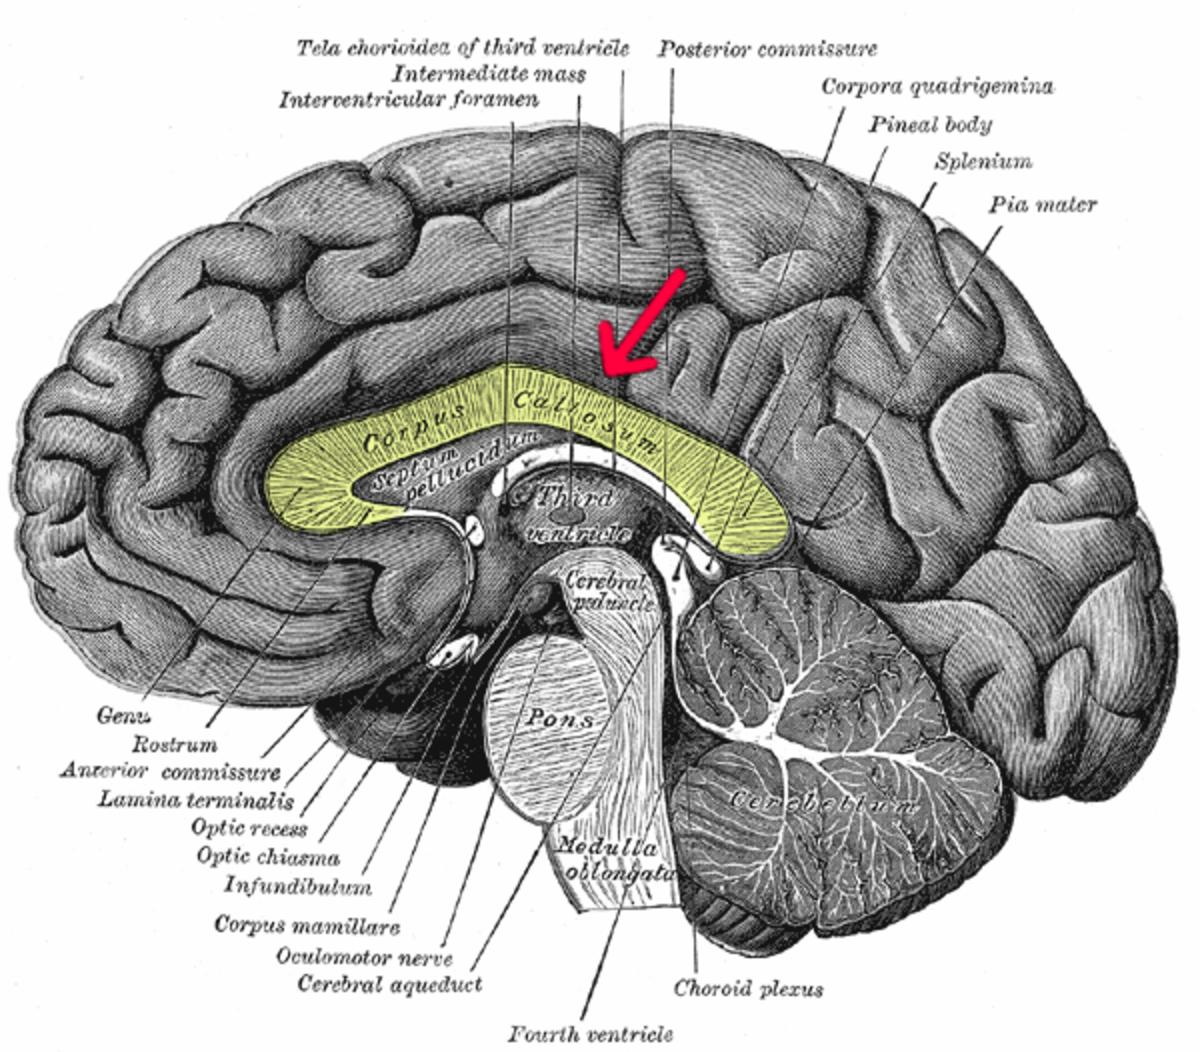 The corpus callosum in the brain